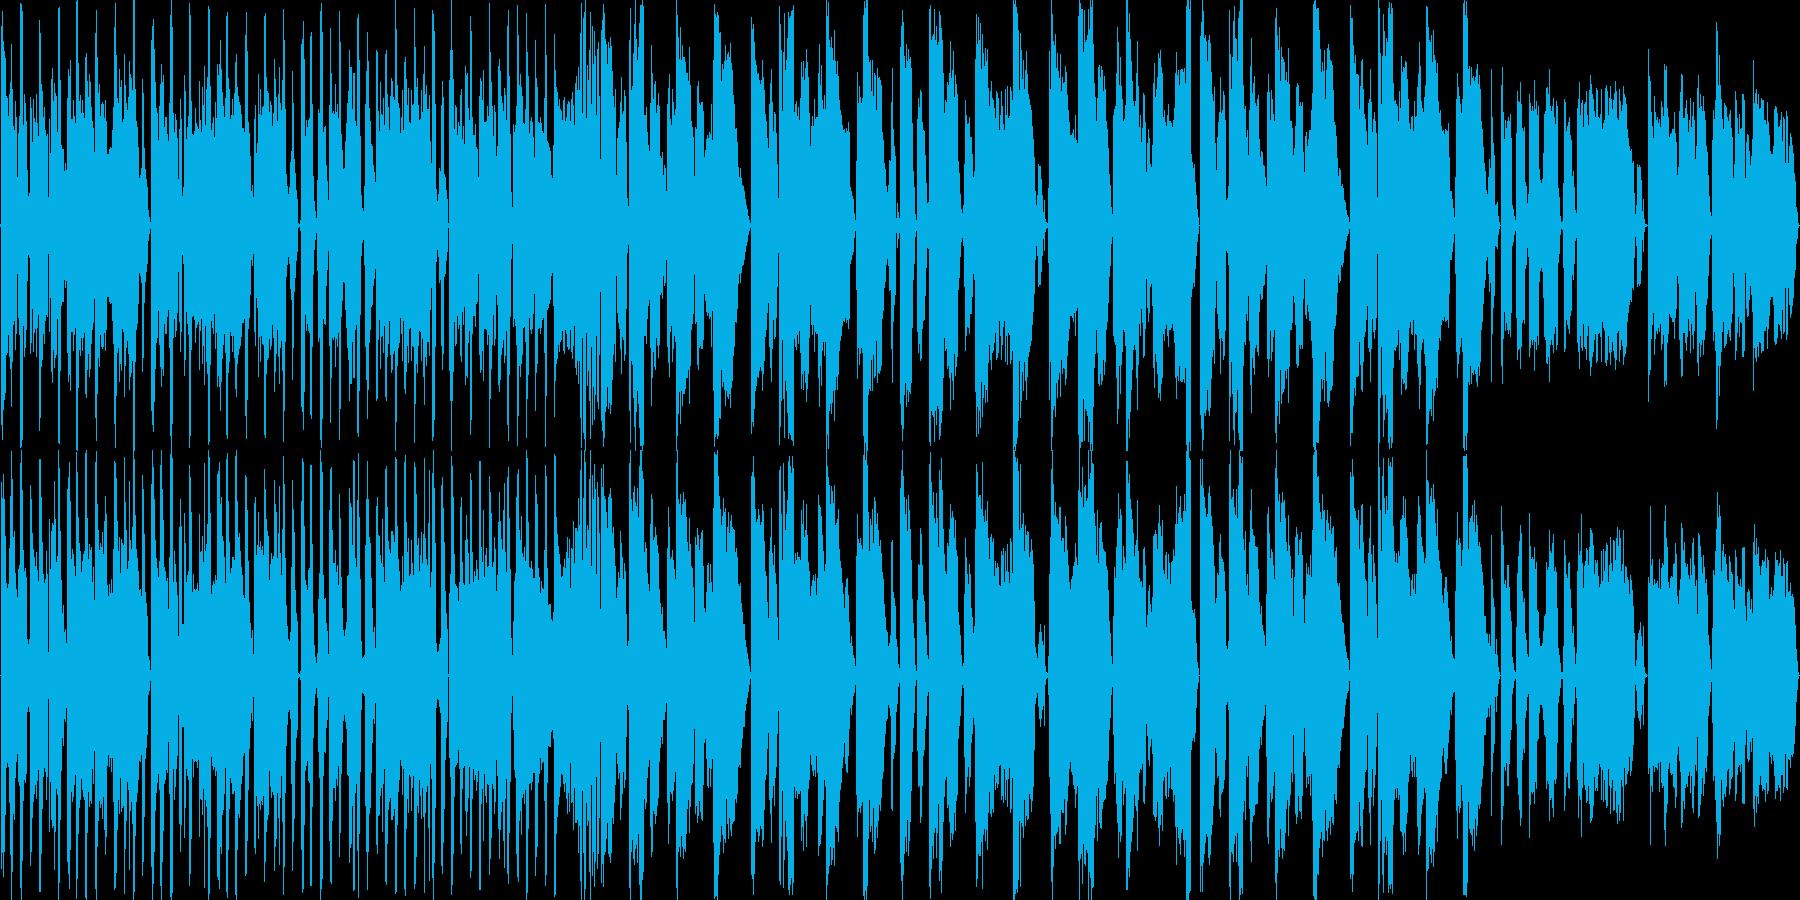 【ダブステップ/女性ヴォーカル/ダンス】の再生済みの波形